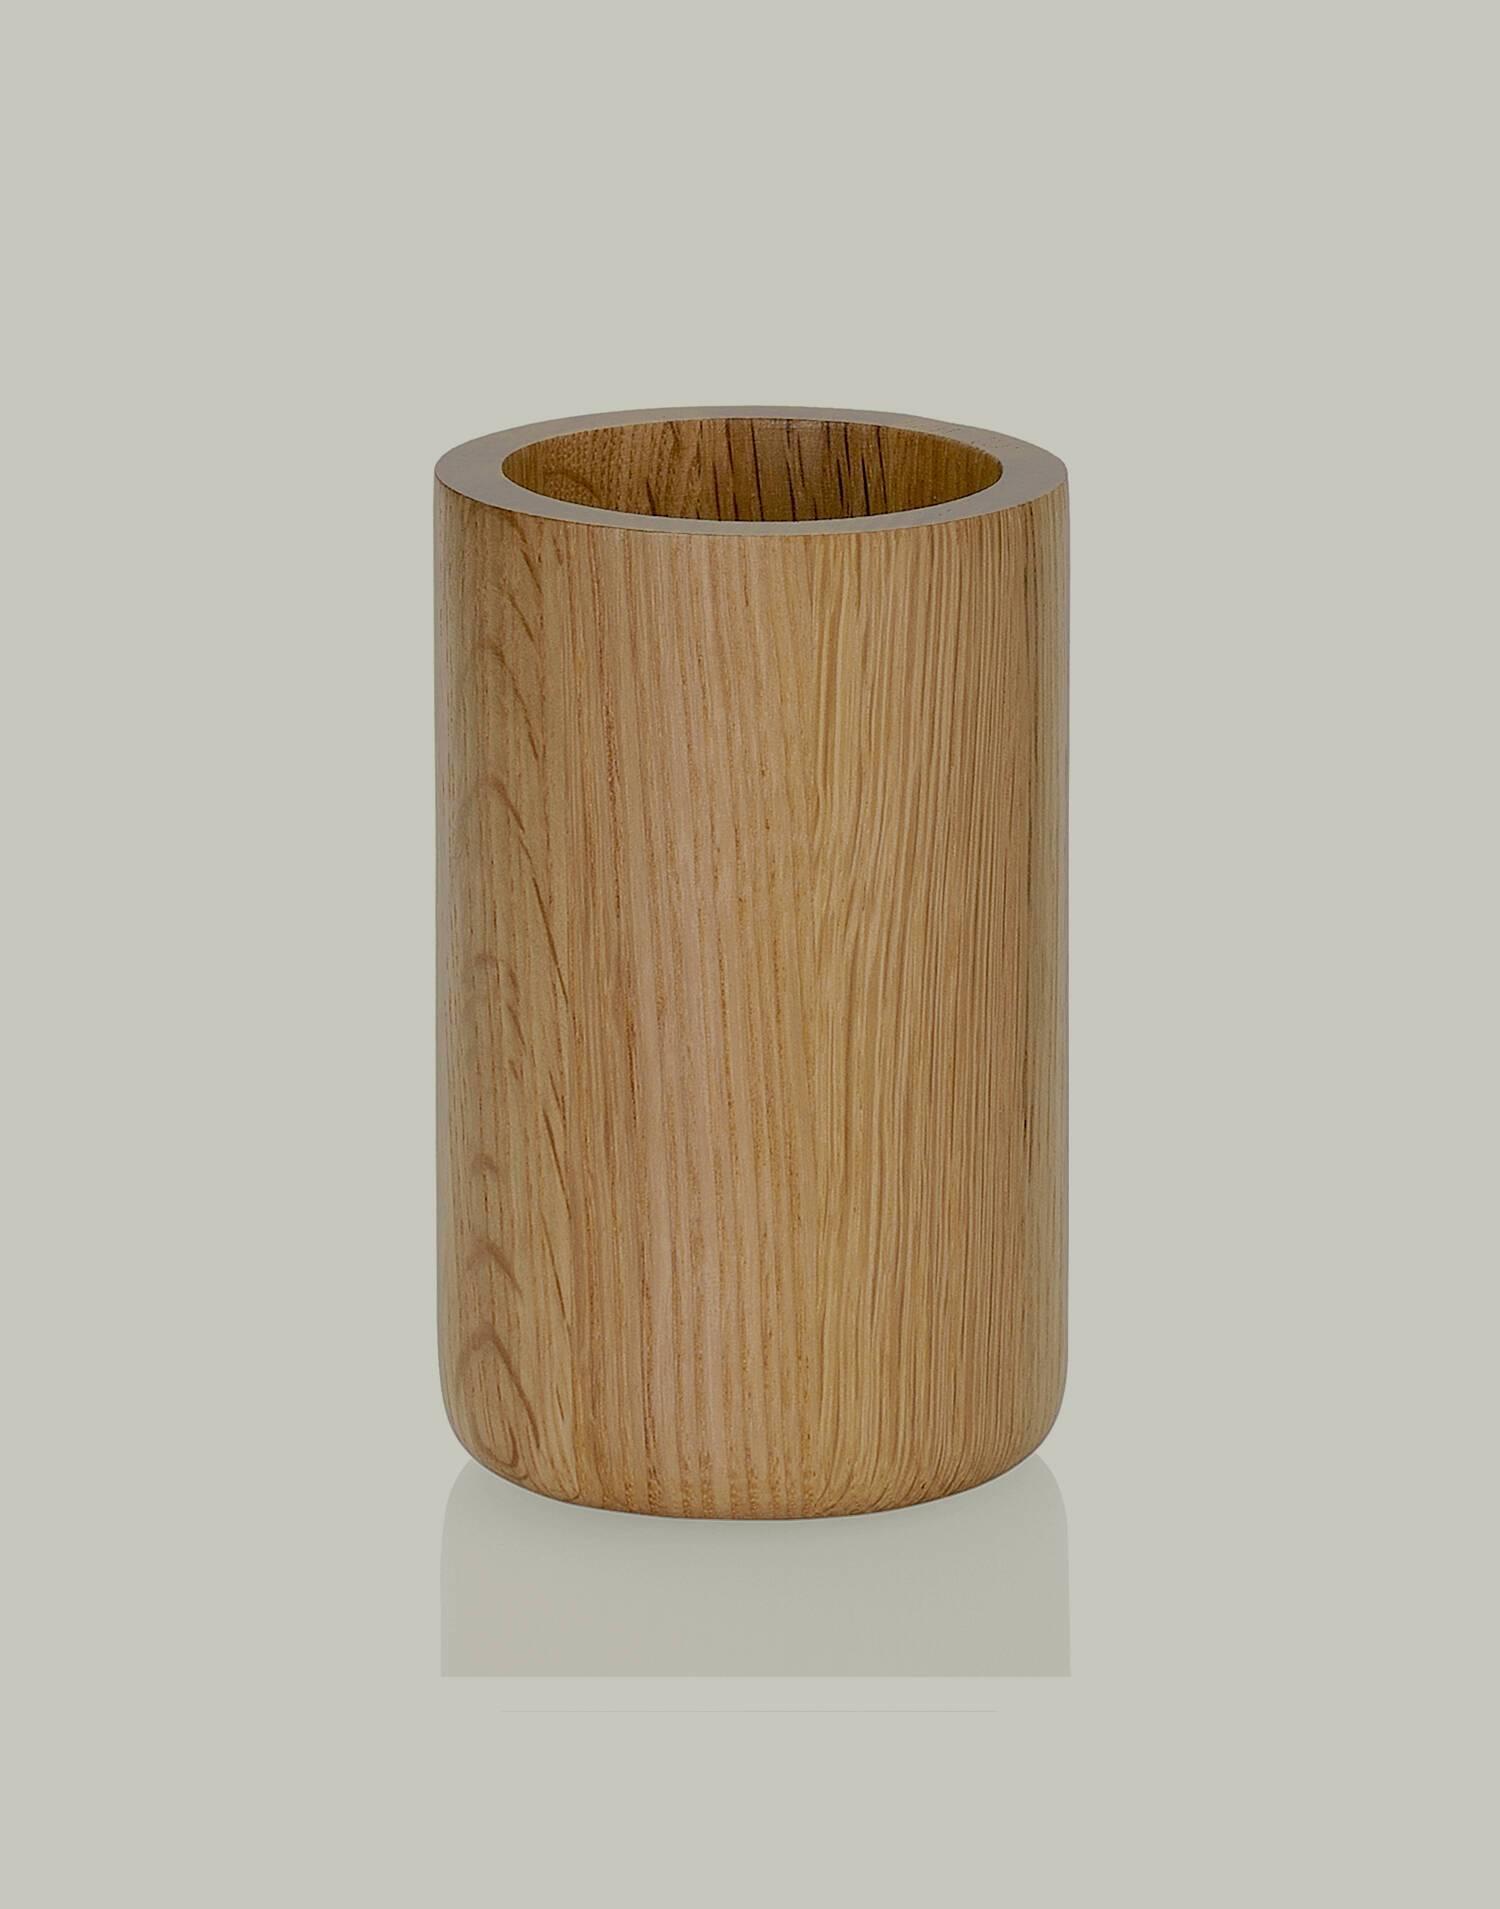 Oak tumbler